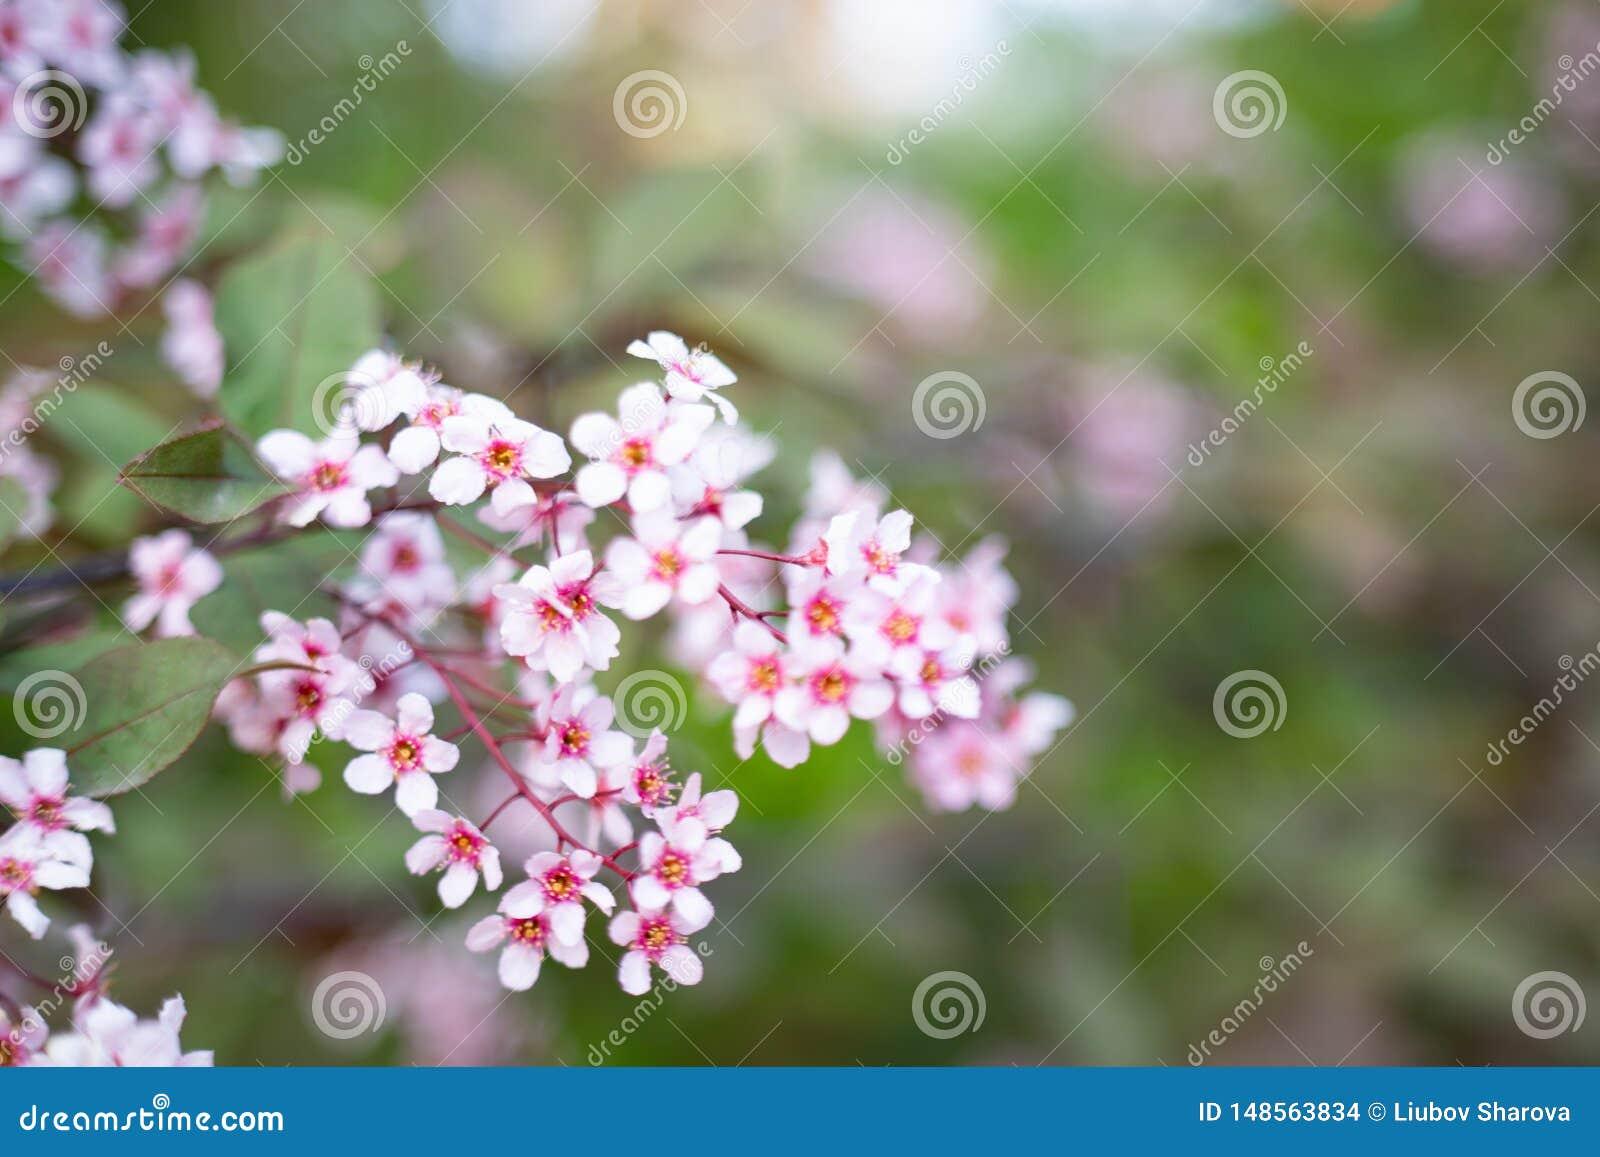 Purpurowi kwiaty bergenia r w wiosna ogr?dzie z bliska Bergenia cordifolia purpurea